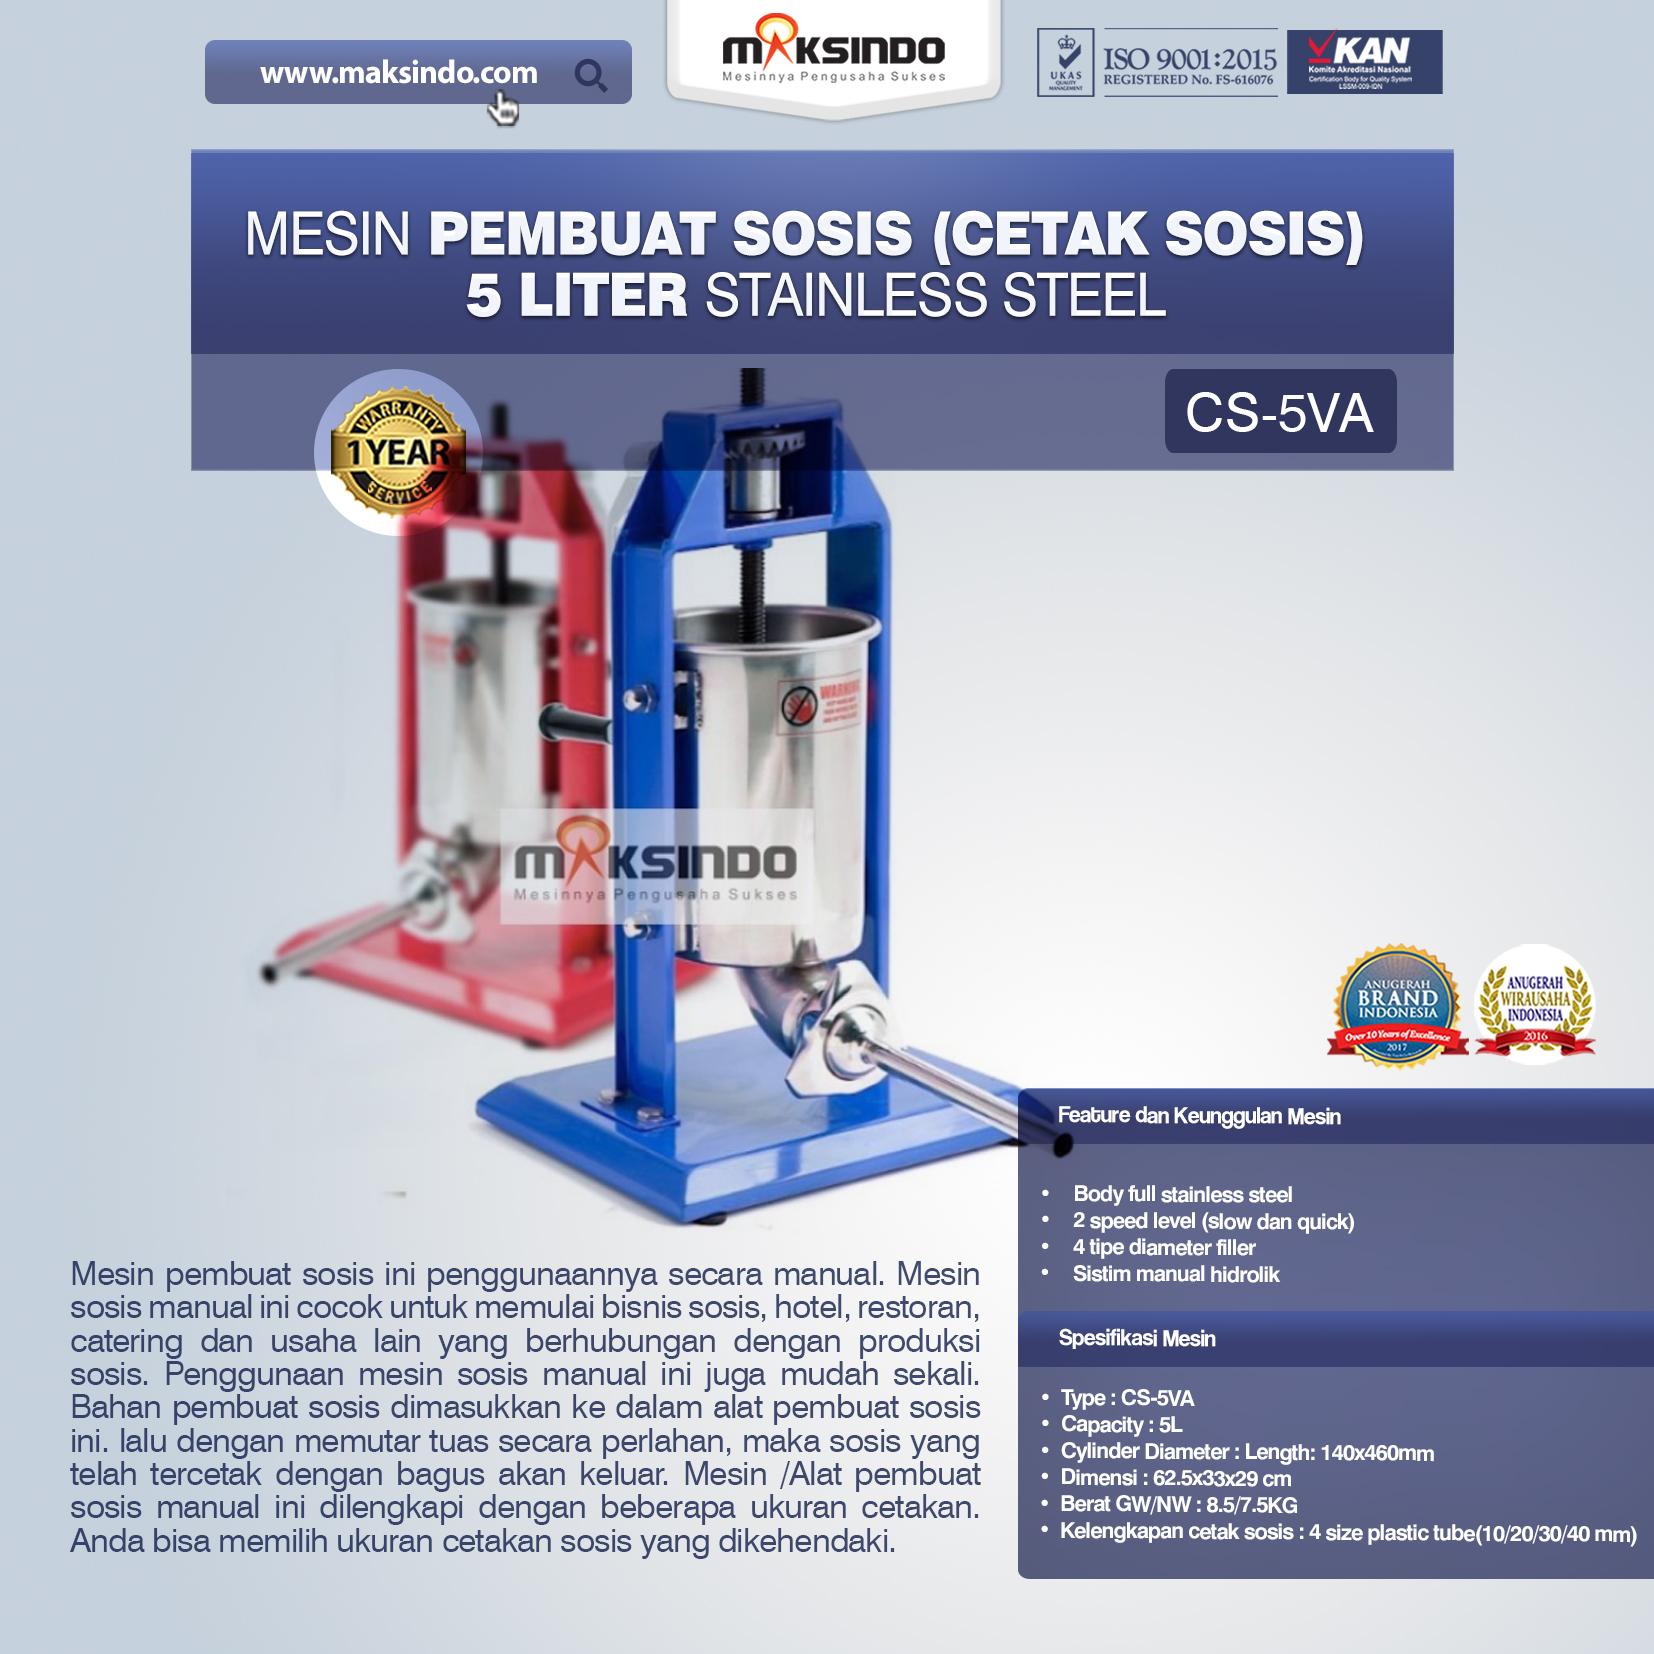 Jual Mesin Pembuat Sosis (Cetak Sosis) Stainless Steel di Mataram